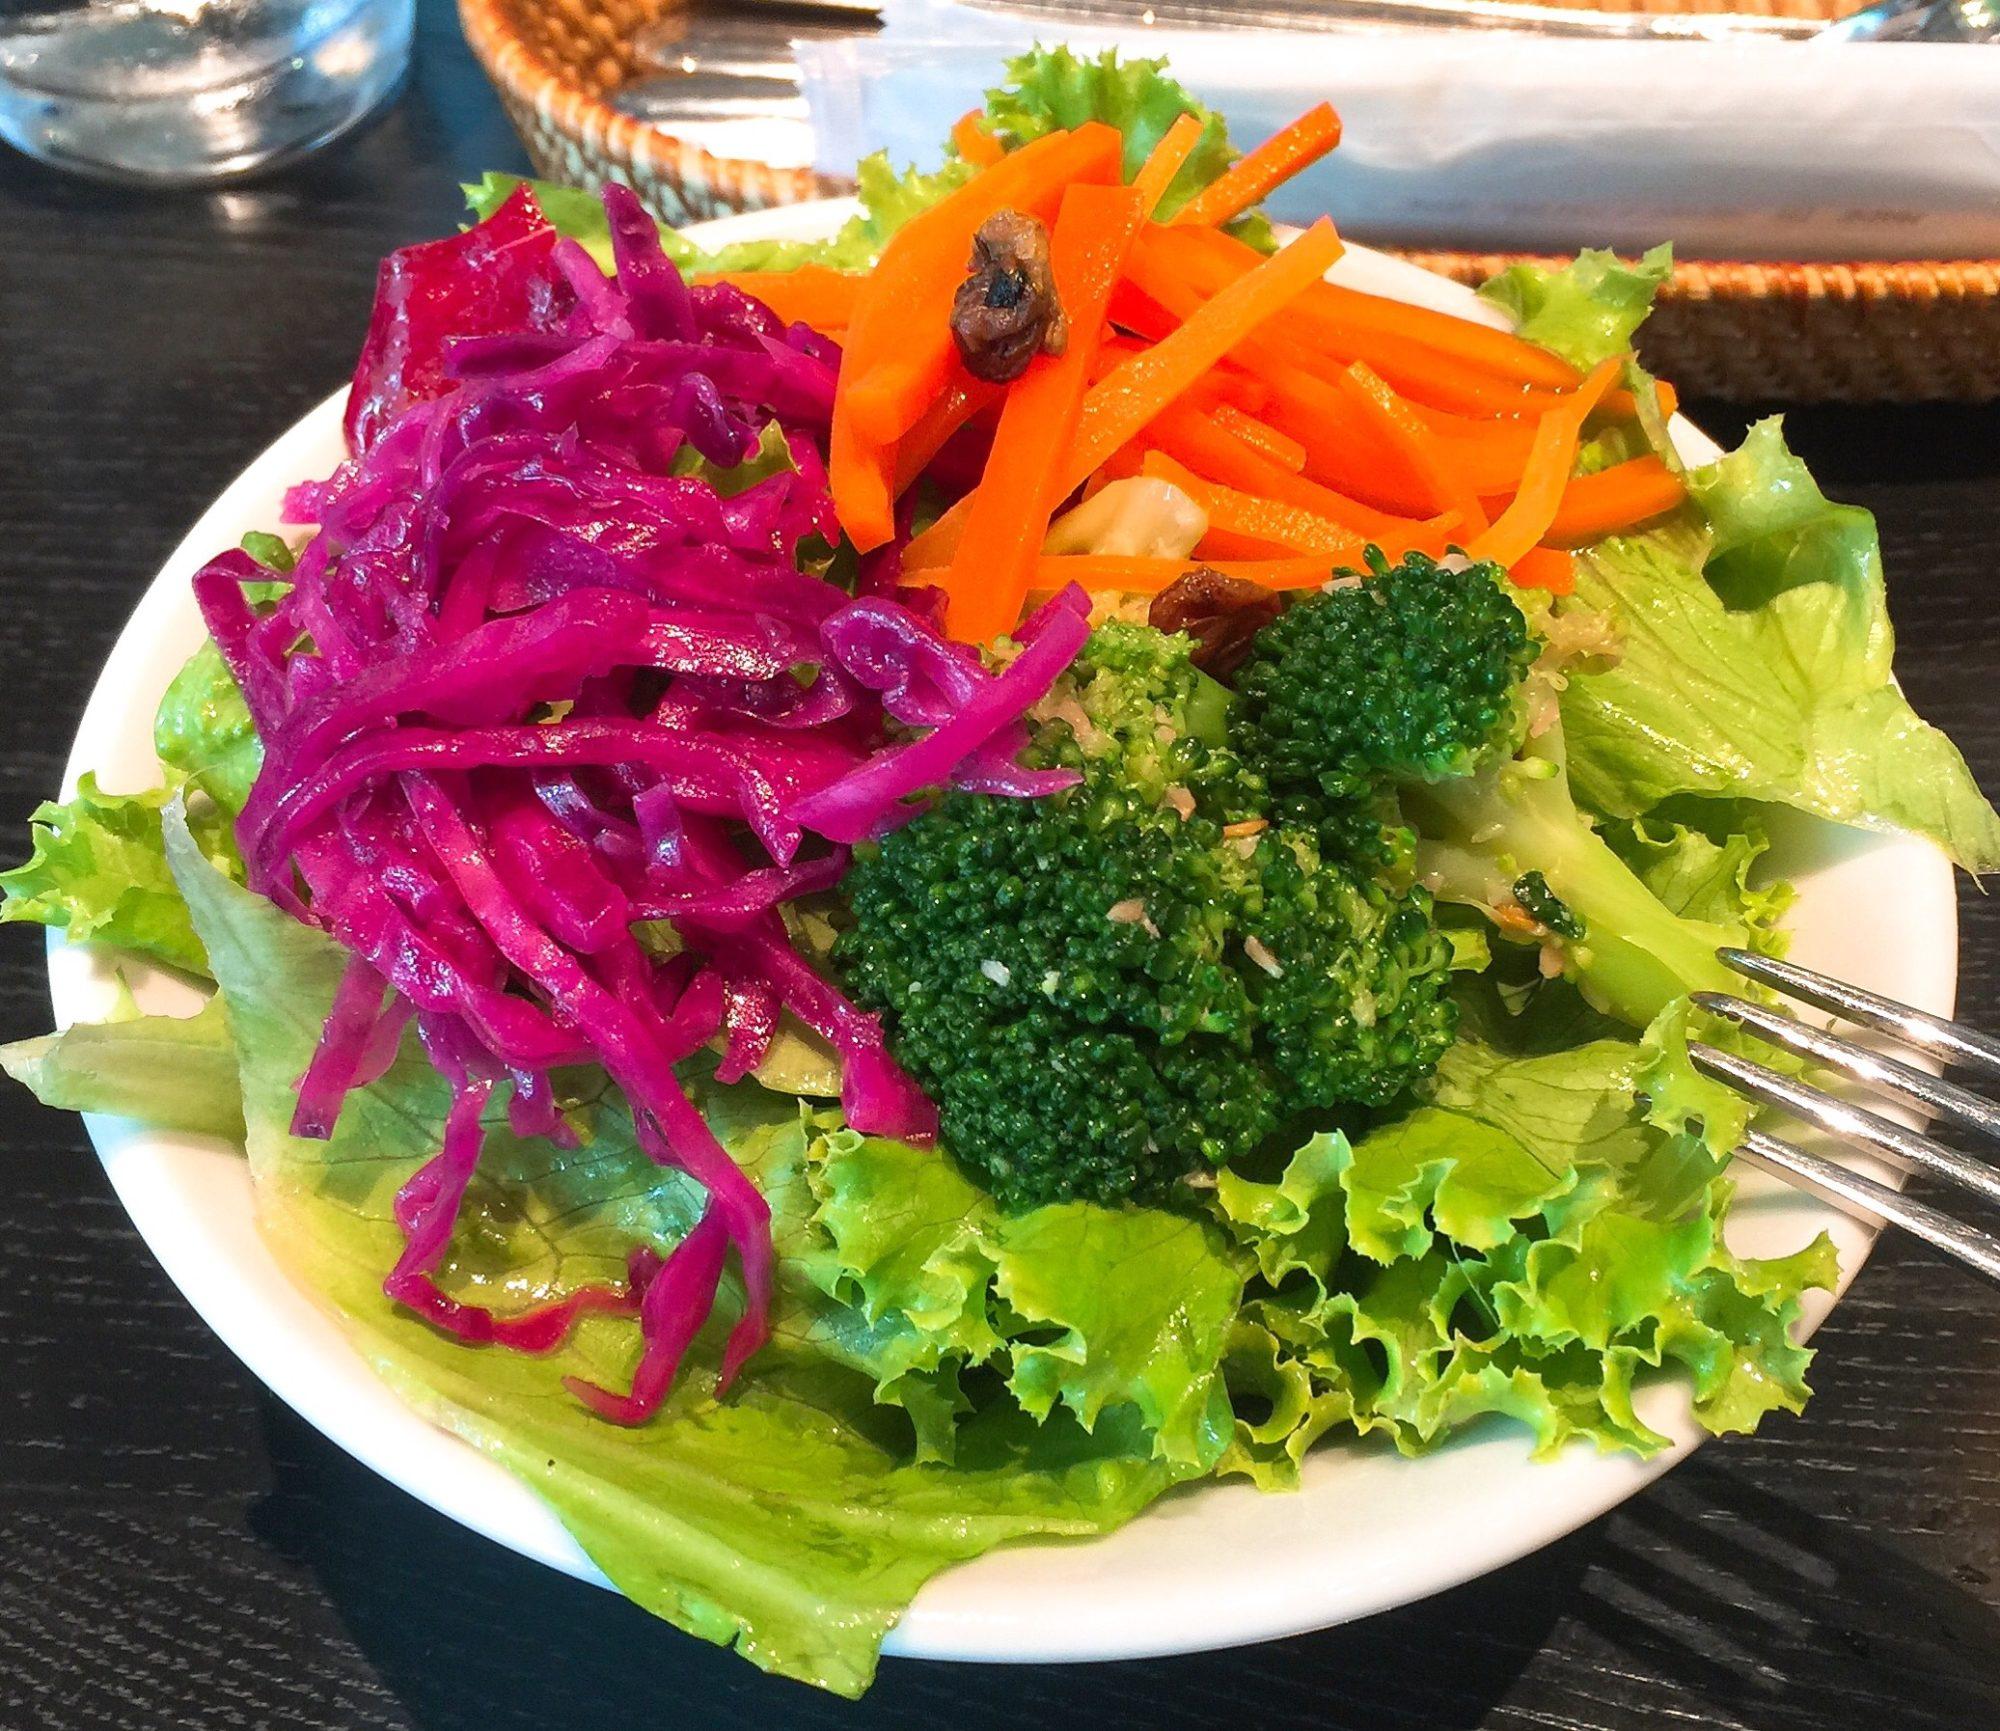 ダイエットサラダの食べごたえには,ポテトではなくブロッコリーを.ポテサラはサラダ界の異端児だと思う.